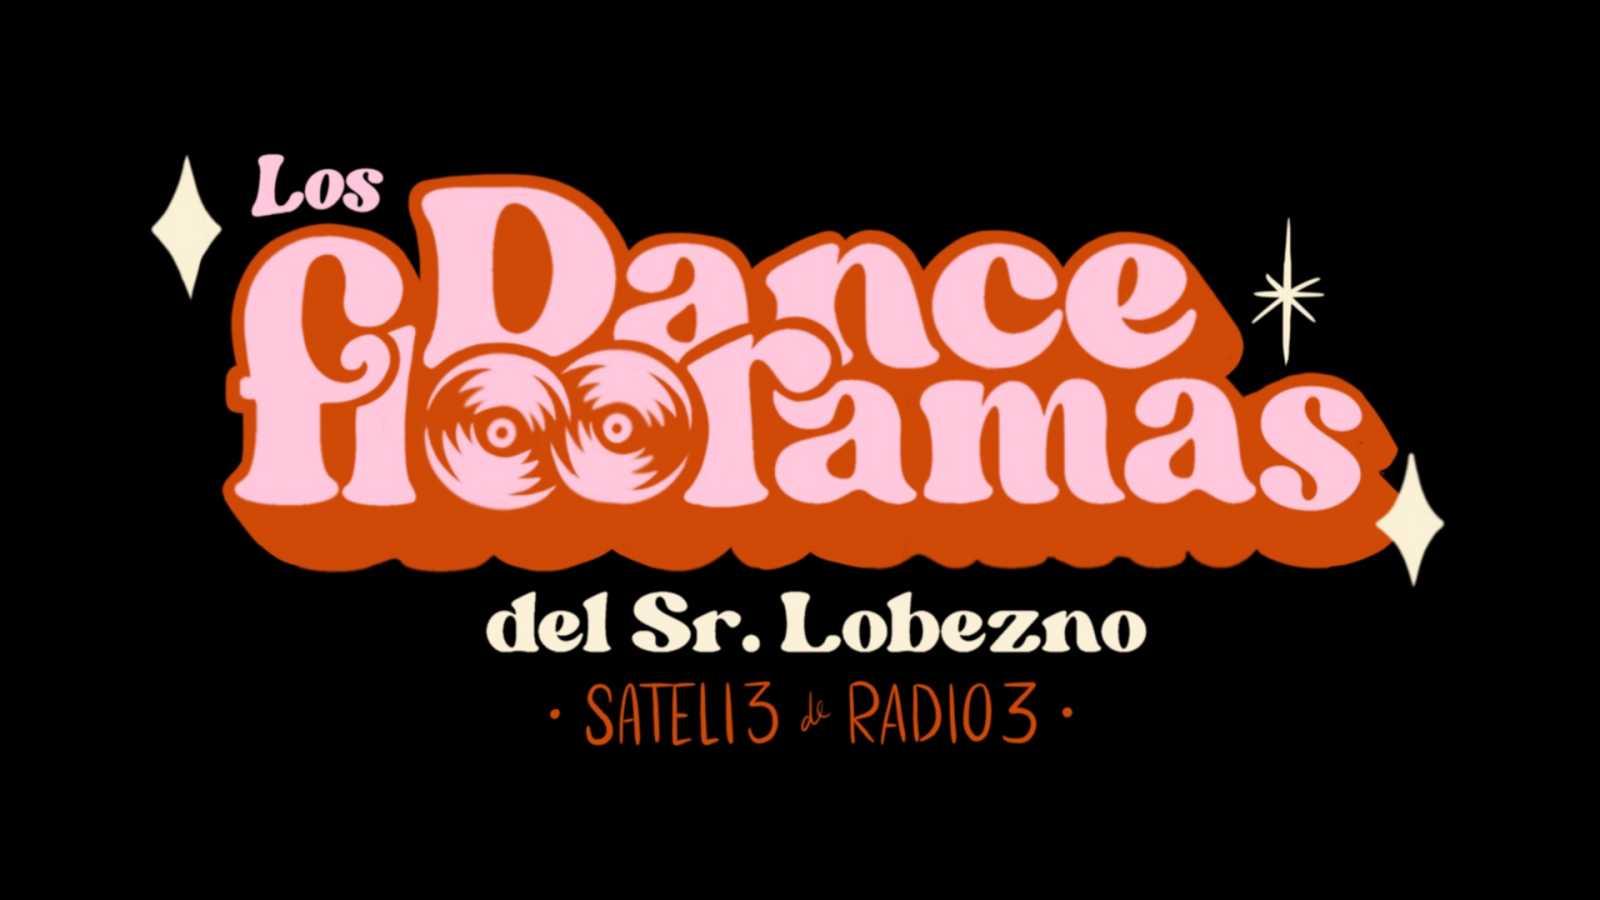 Sateli 3 - Los Danceflooramas del Sr. Lobezno (y 13!) Fin de temporada!!! - 25/06/21 - escuchar ahora